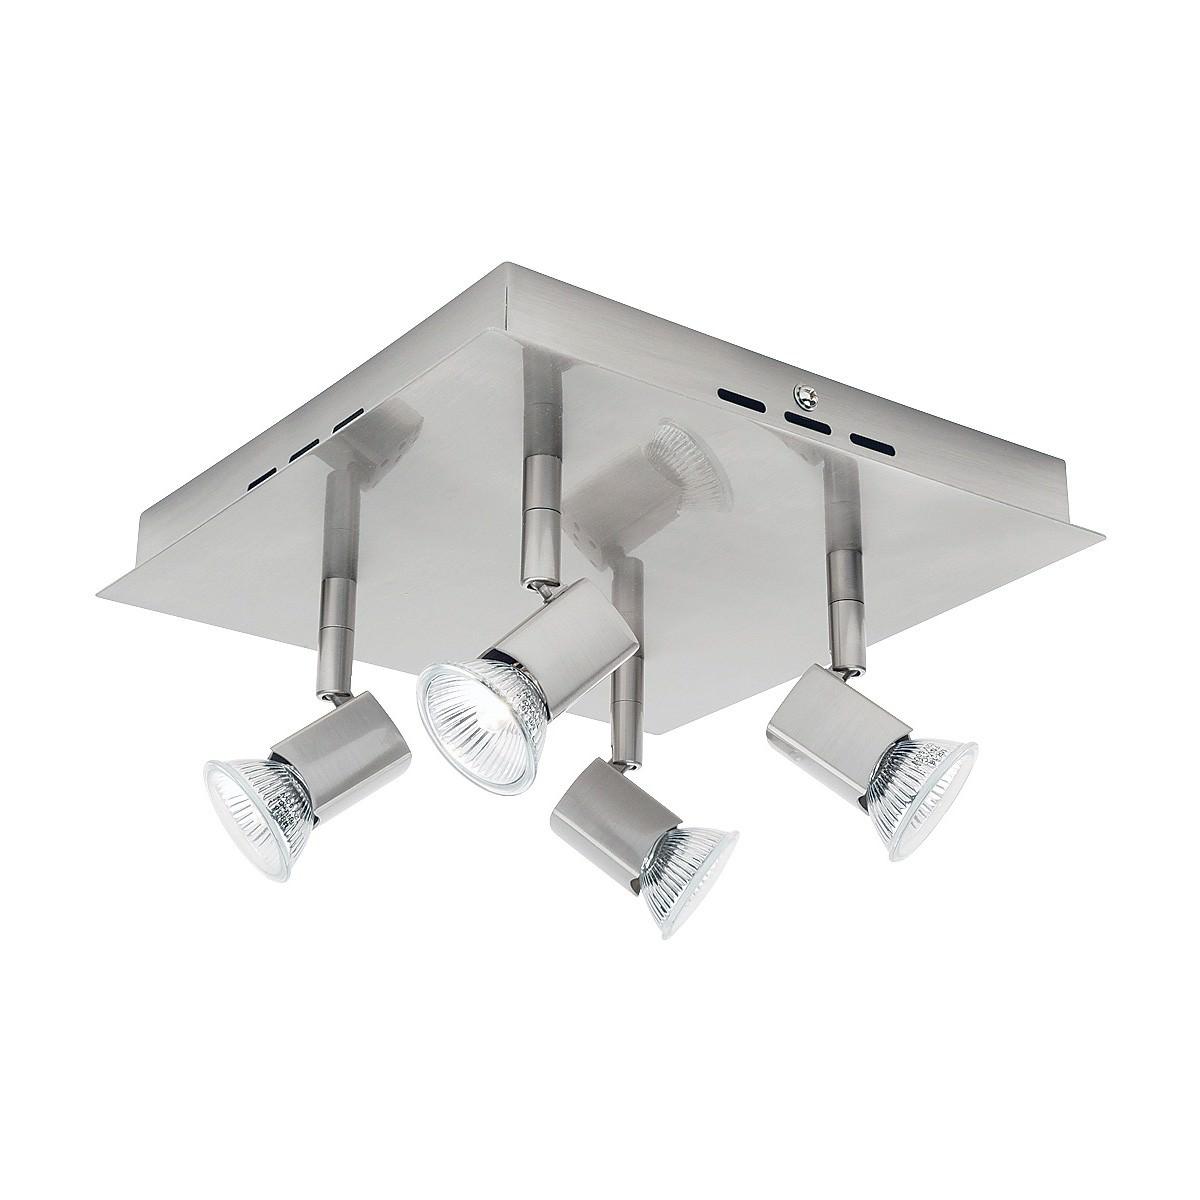 Titan Metal Square Spotlight, 4 Light, Satin Chrome